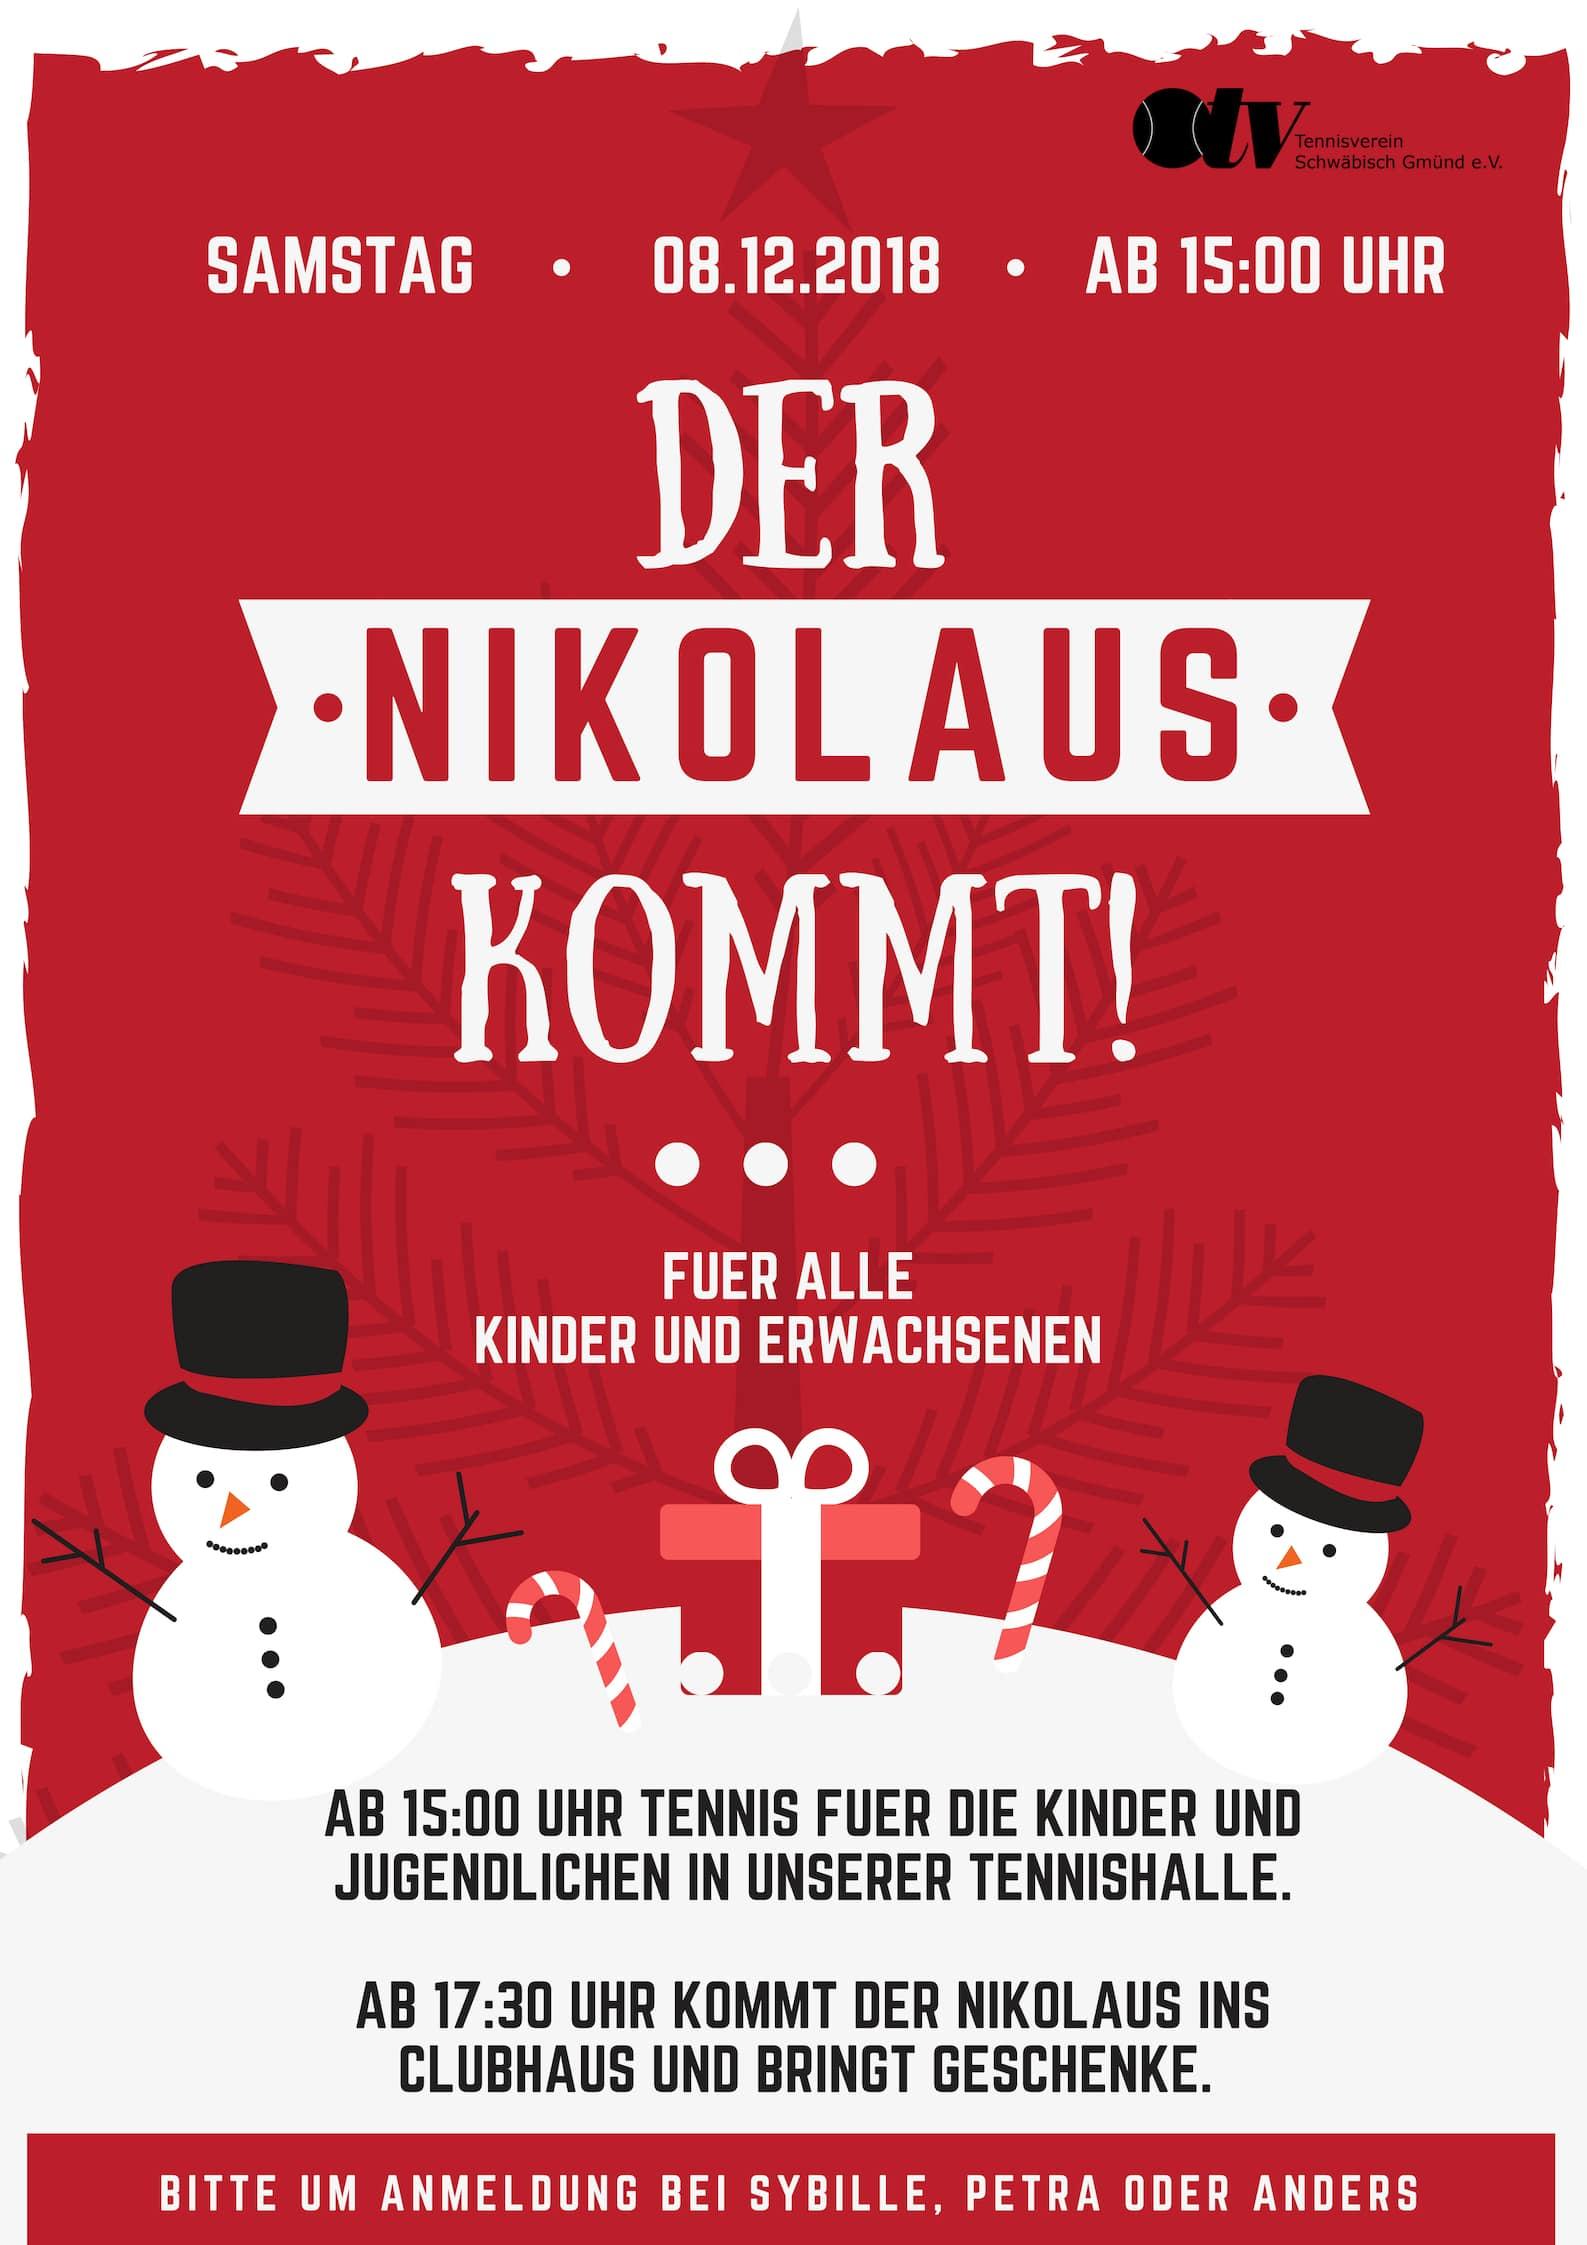 Nikolausfeier Am 8.12.2018 - Tennisverein Schwäbisch Gmünd E.v. verwandt mit Nikolausfeier Für Erwachsene Gestalten